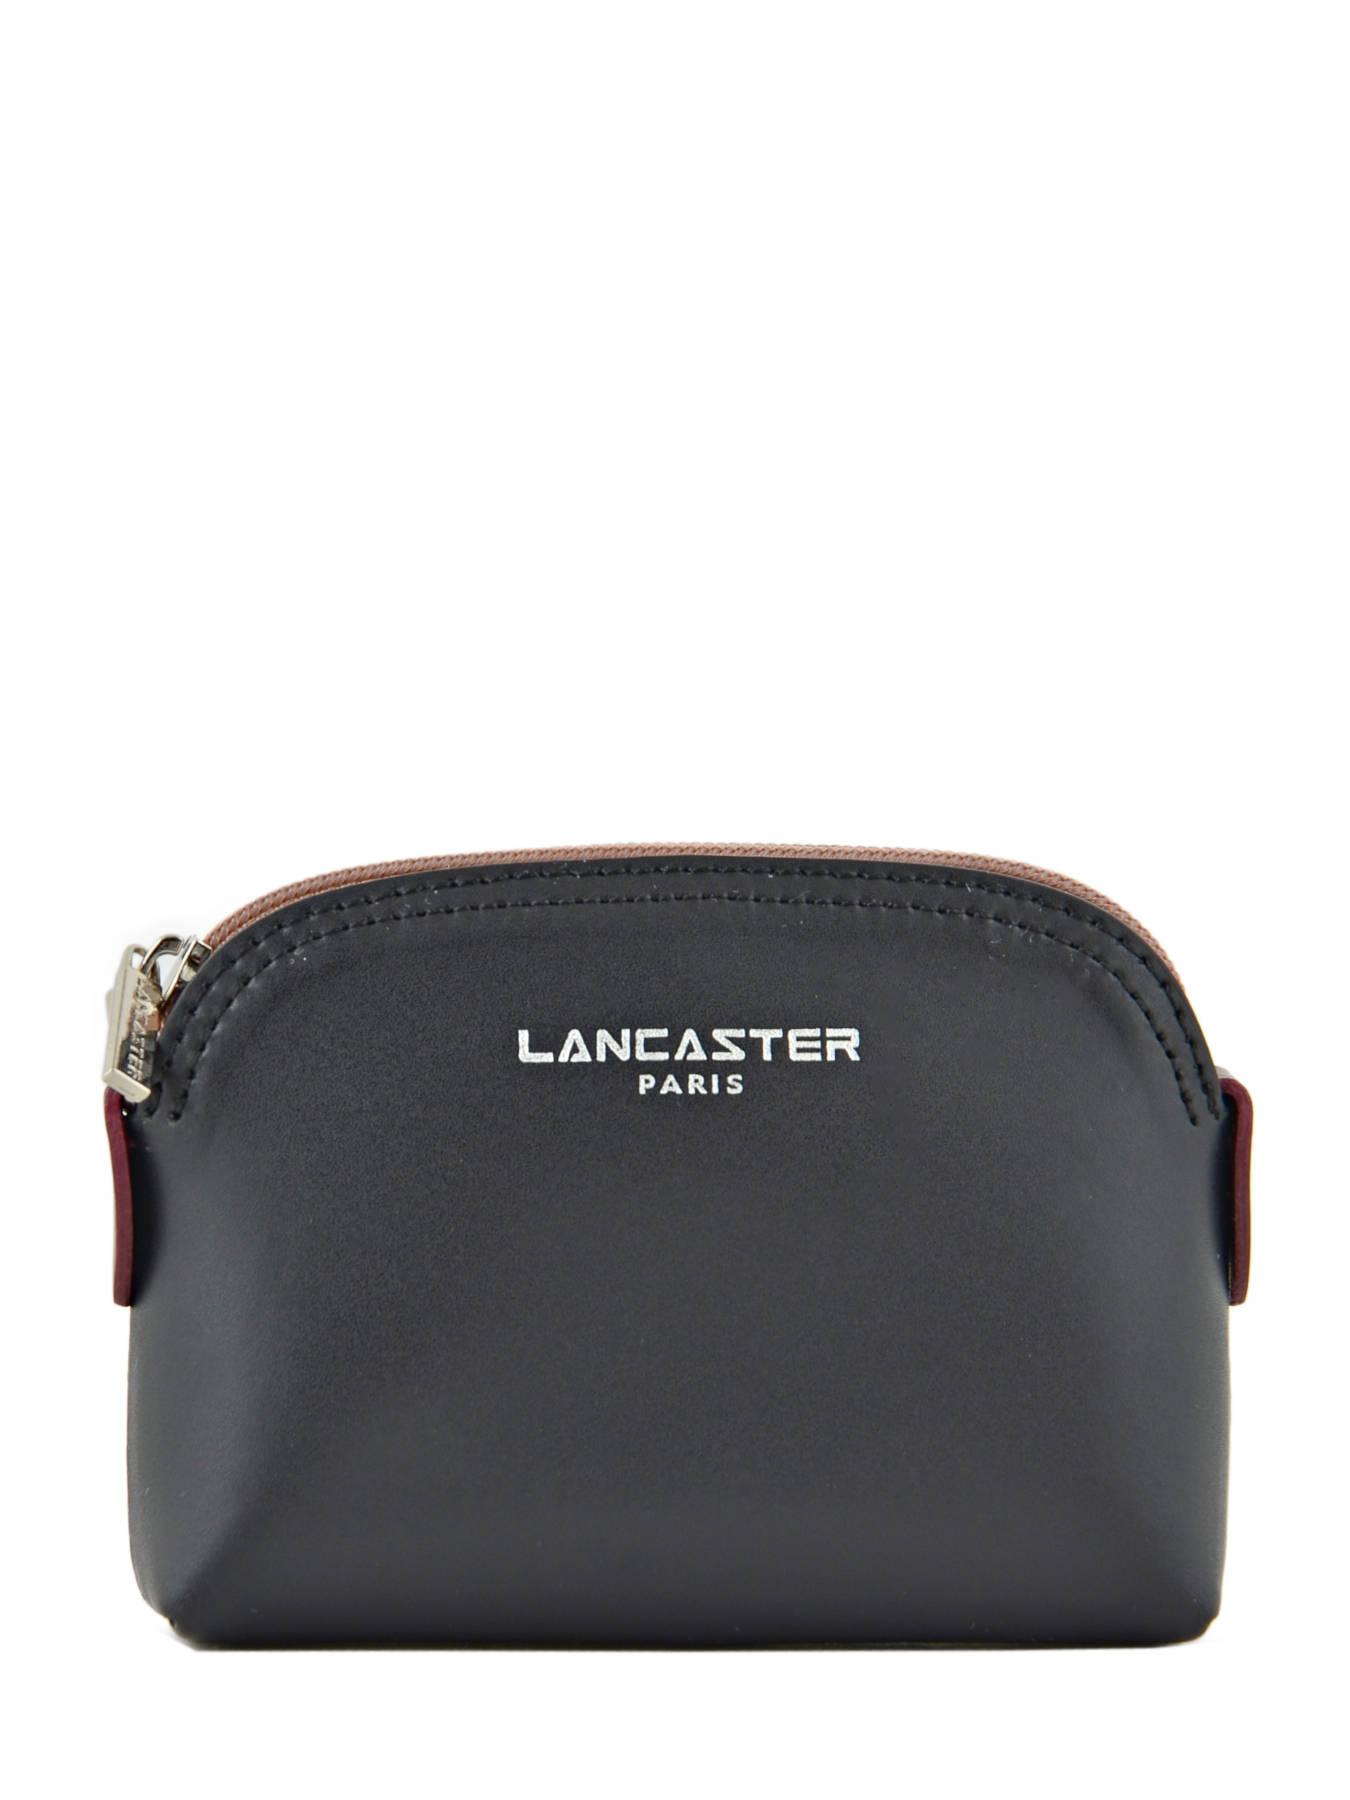 Porte monnaie lancaster constance noir bn en vente au meilleur prix - Porte monnaie femme lancaster ...